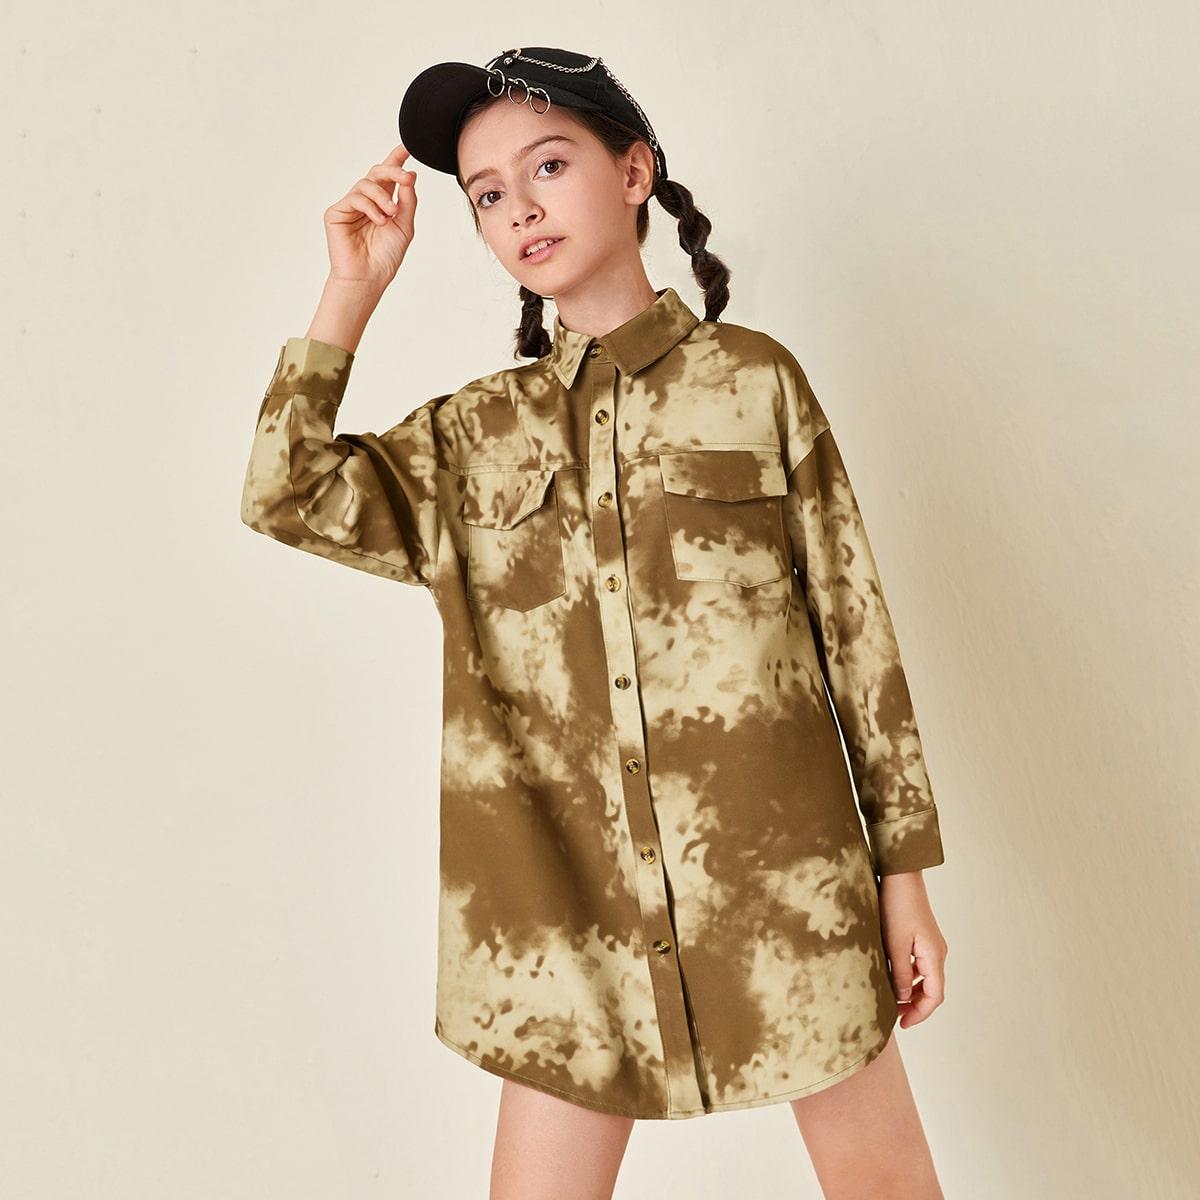 Shirtkleid mit Taschen Klappen und Batik ohne Gürtel